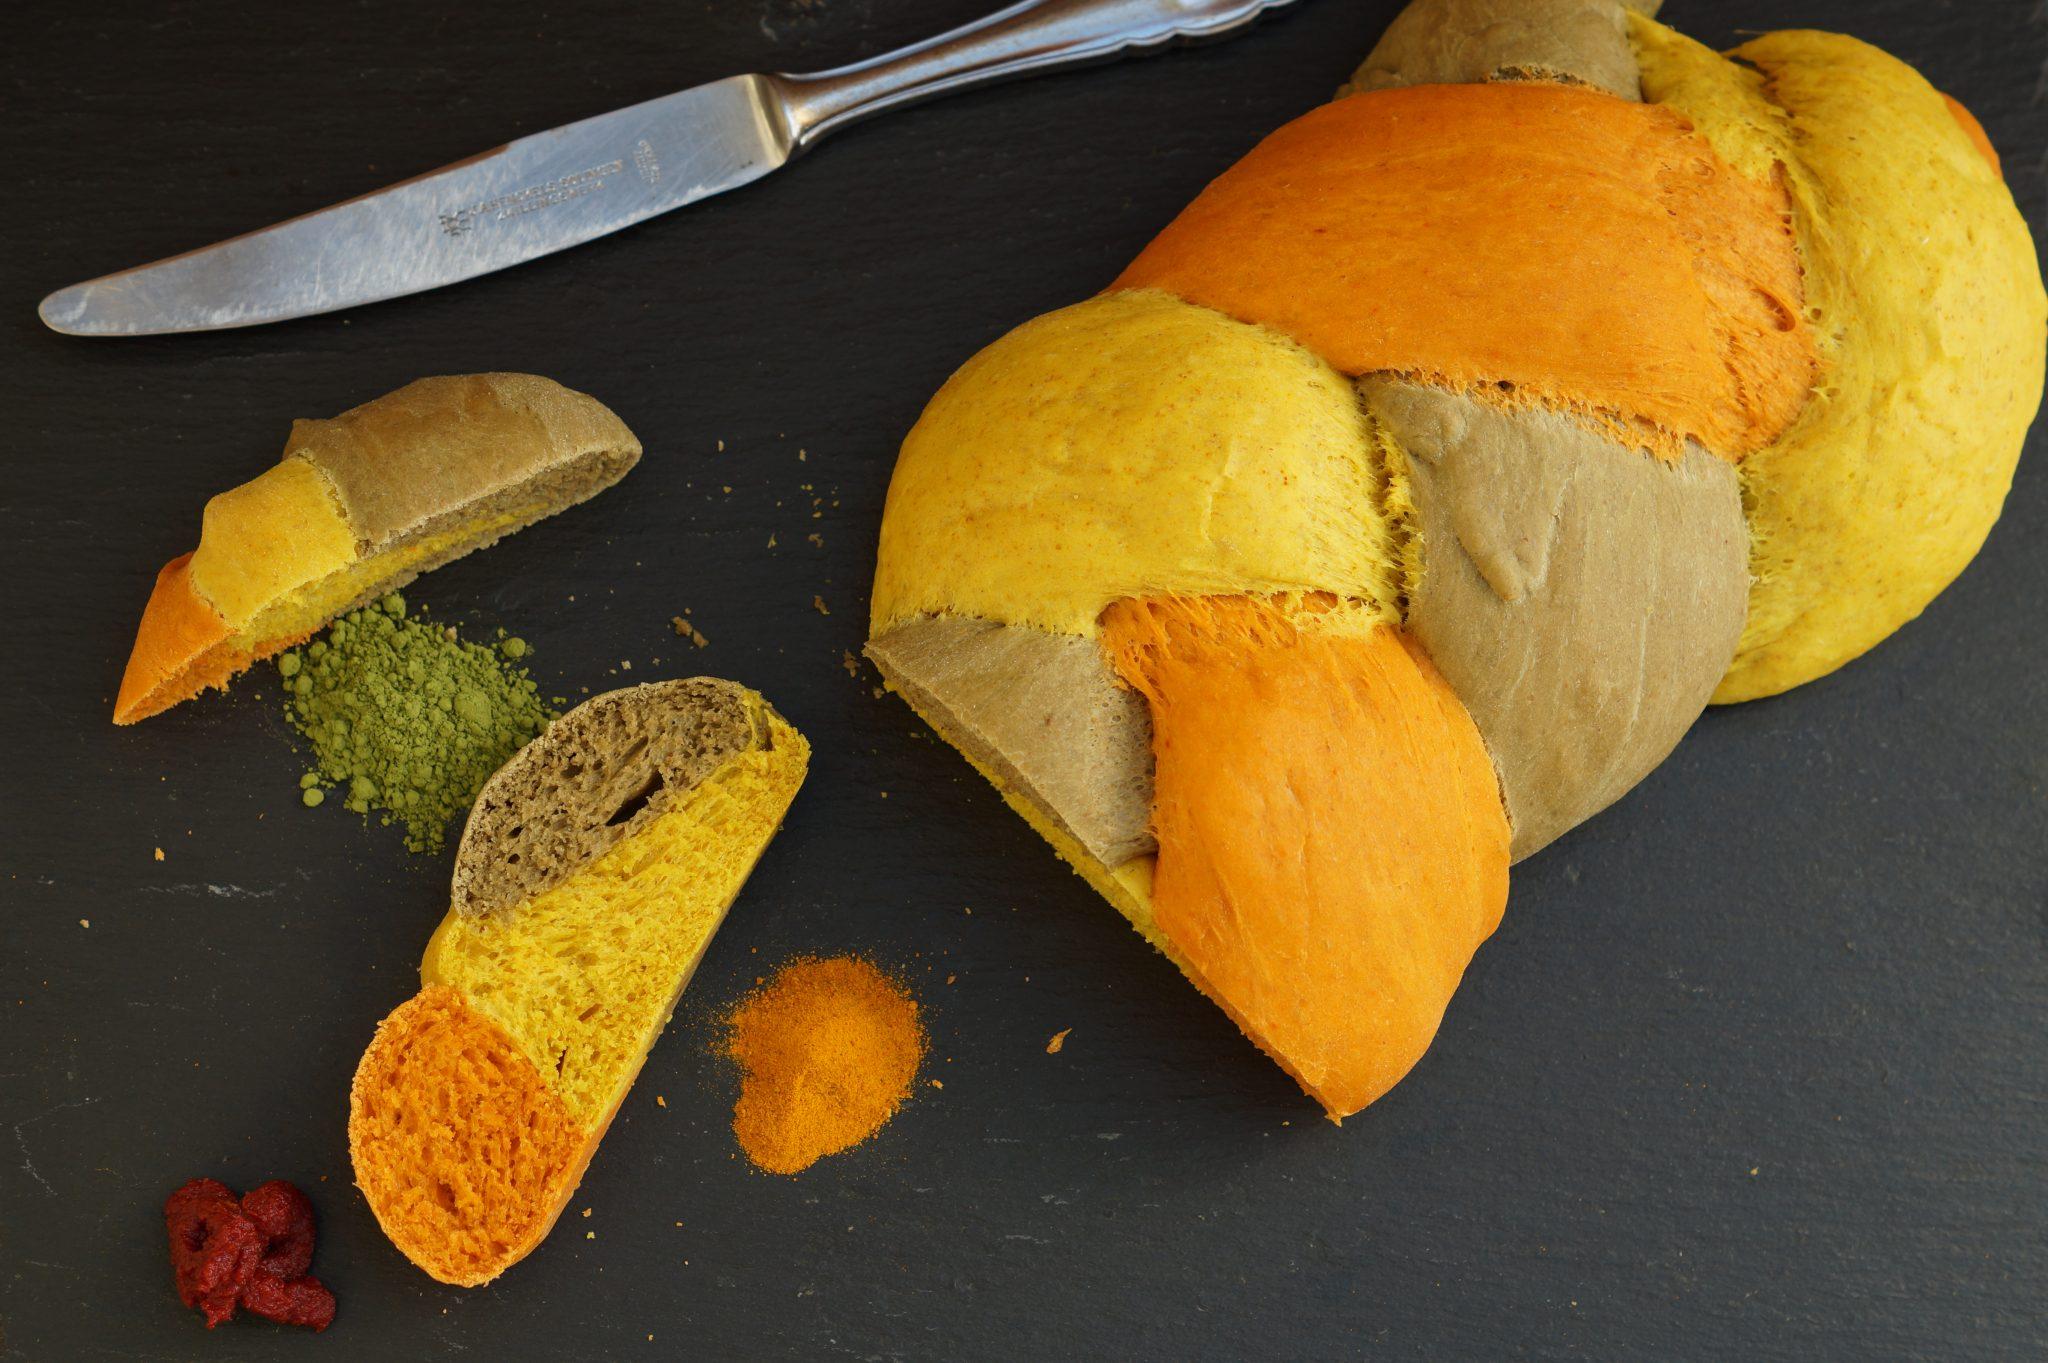 Bunter Hefezopf. Mit Kurkuma, Tomatenmark und Matcha-Pulver angefärbt